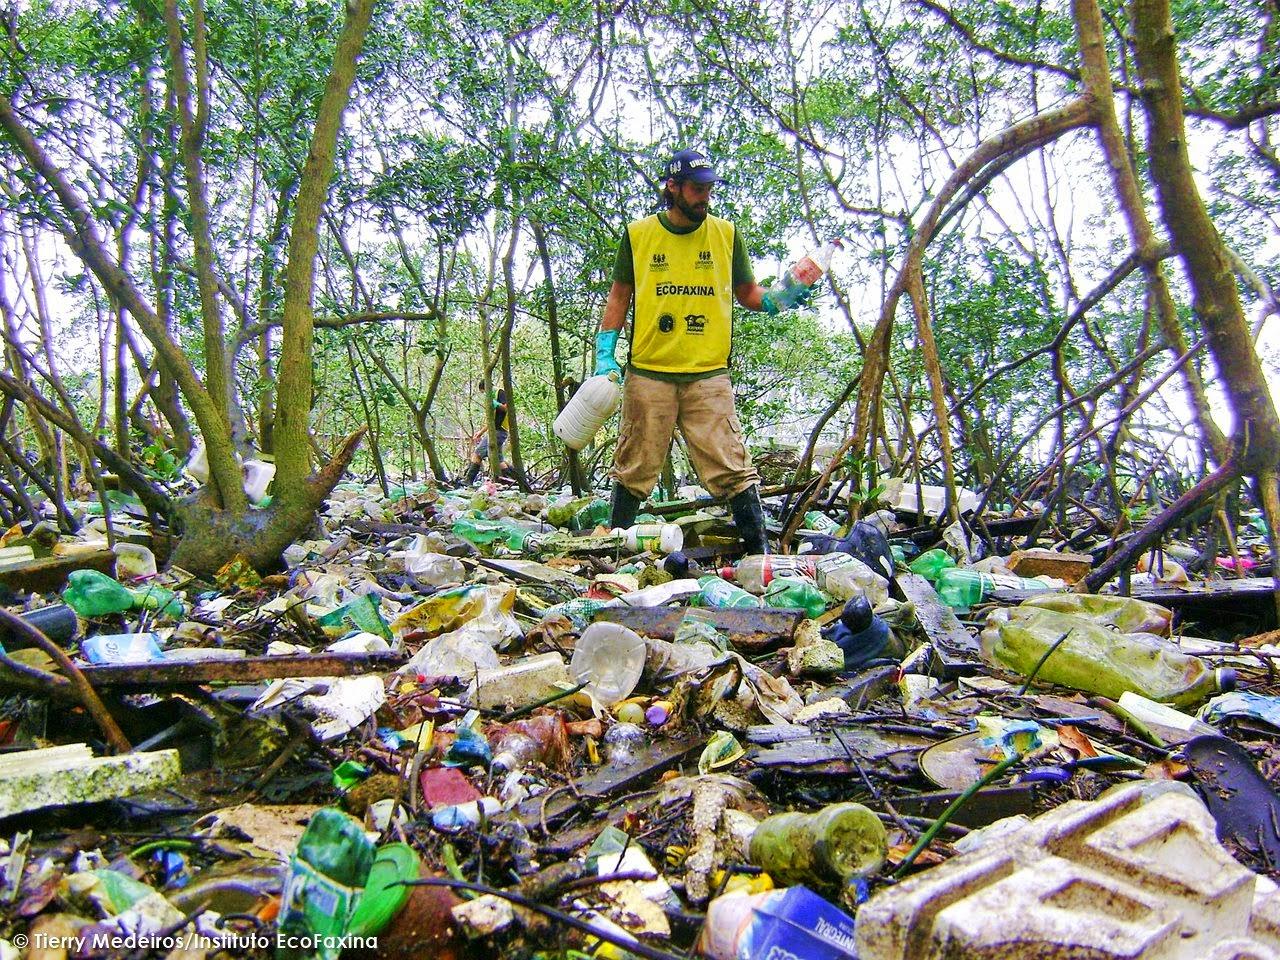 Voluntário coleta plástico em manguezal no estuário de Santos. Ecossistema considerado berçário de espécies marinhas  sofre diariamente com o desmatamento e a poluição na região. Foto: Tierry Medeiros/Instituto EcoFaxina